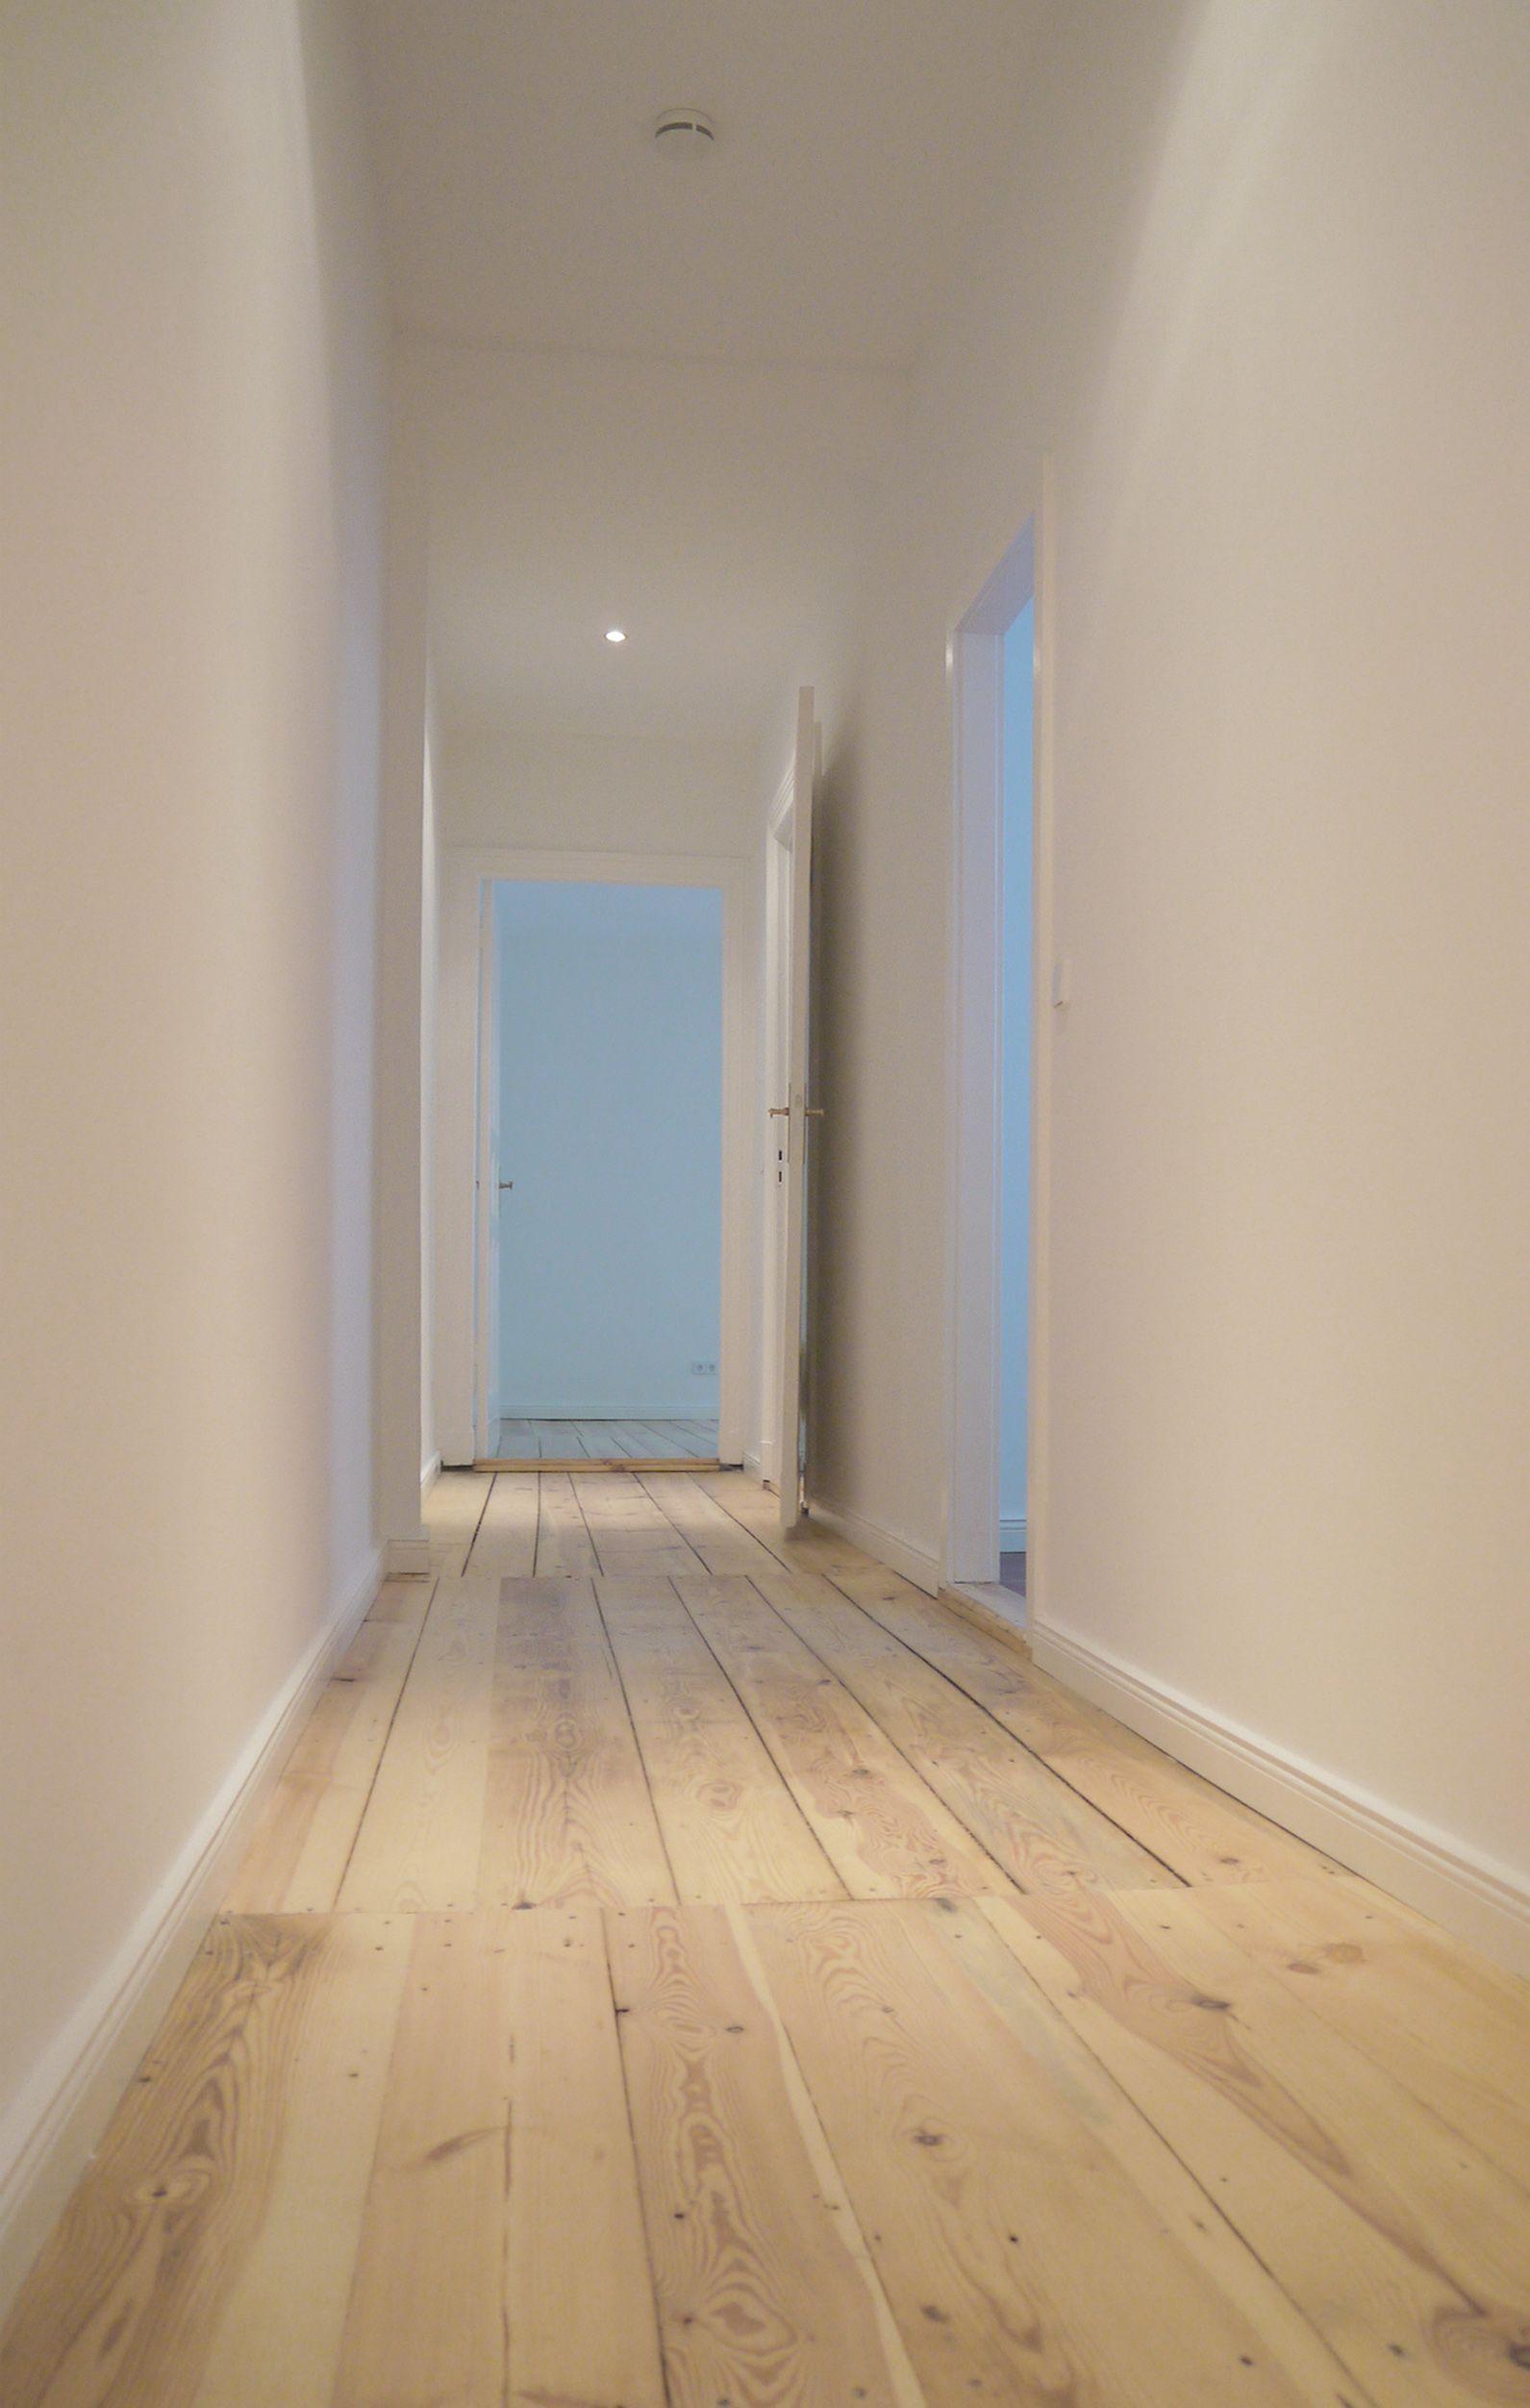 Holzboden Dielen berlin kapitalanlage vermietung sanierung planung entwurf